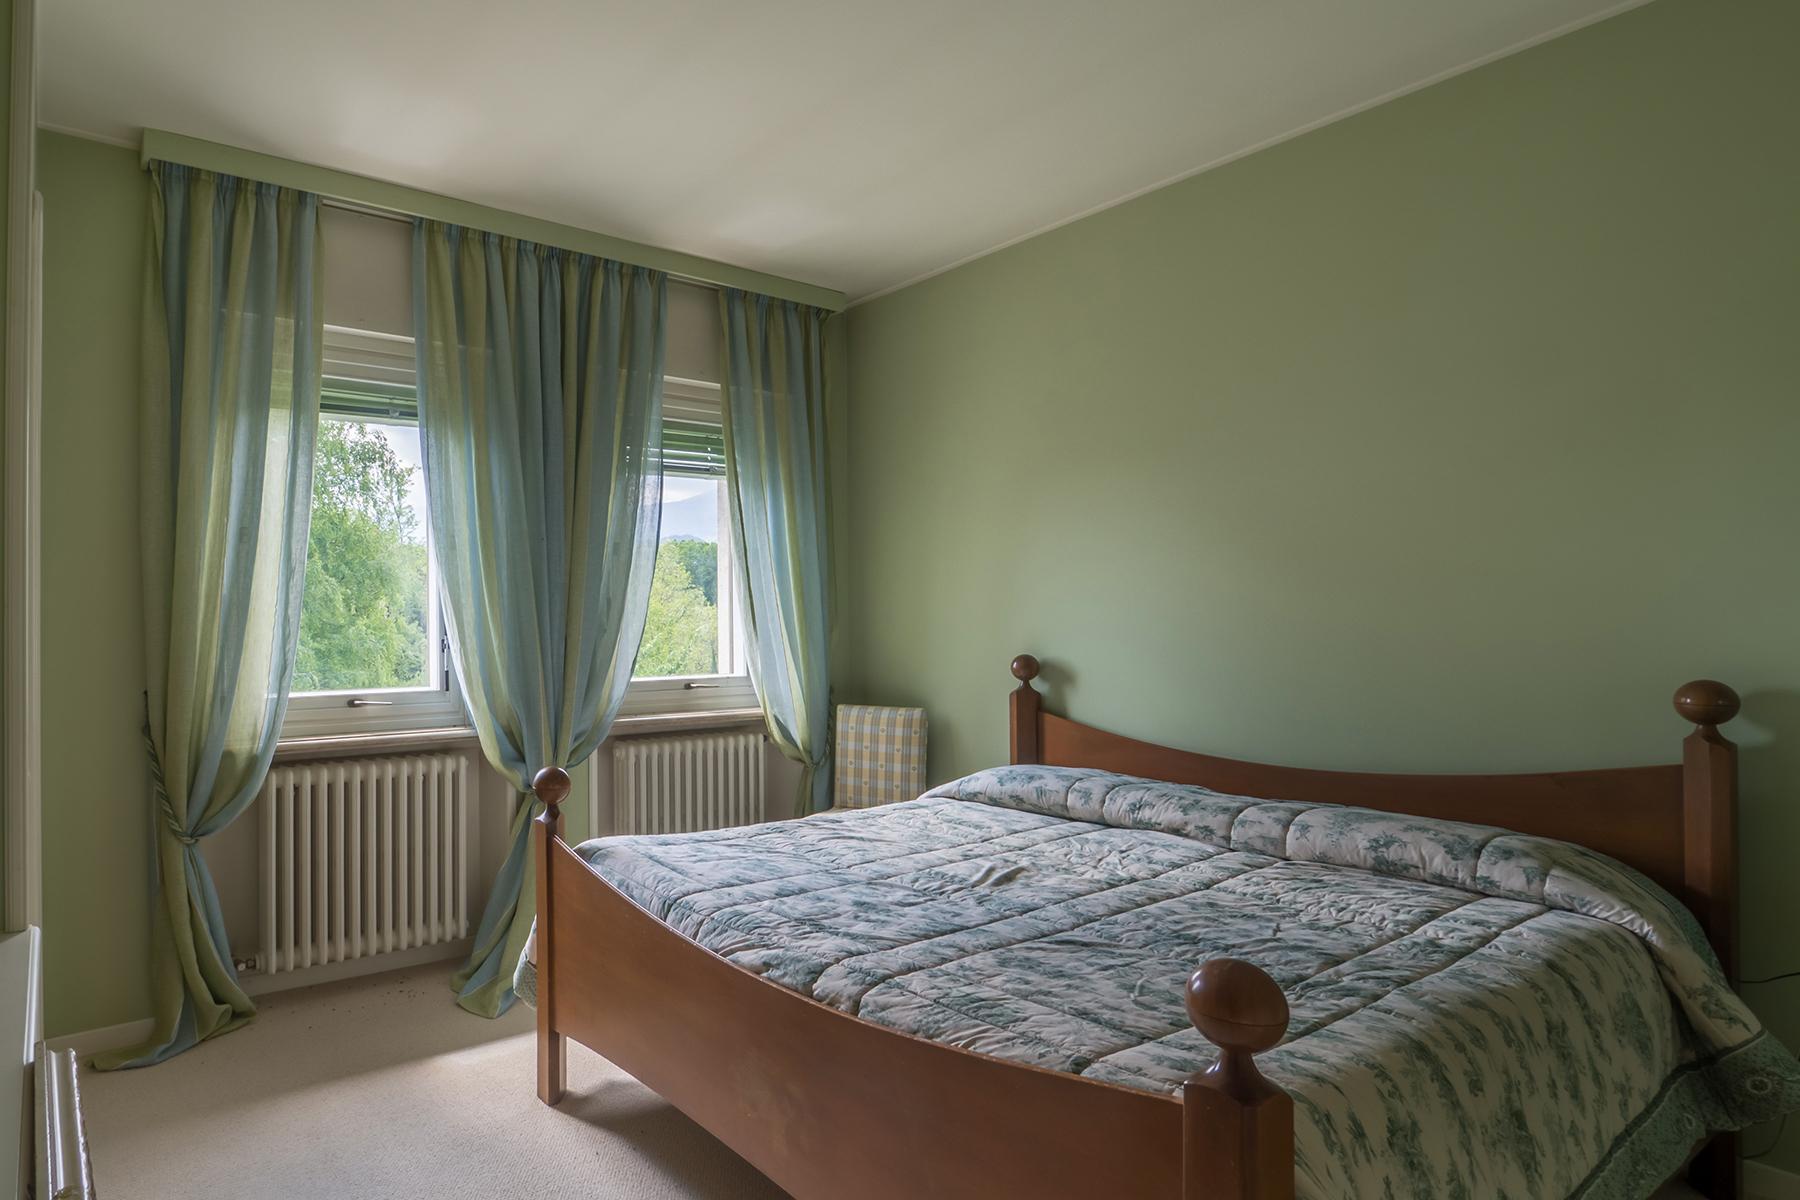 Appartamento in Vendita a Biella: 4 locali, 185 mq - Foto 14